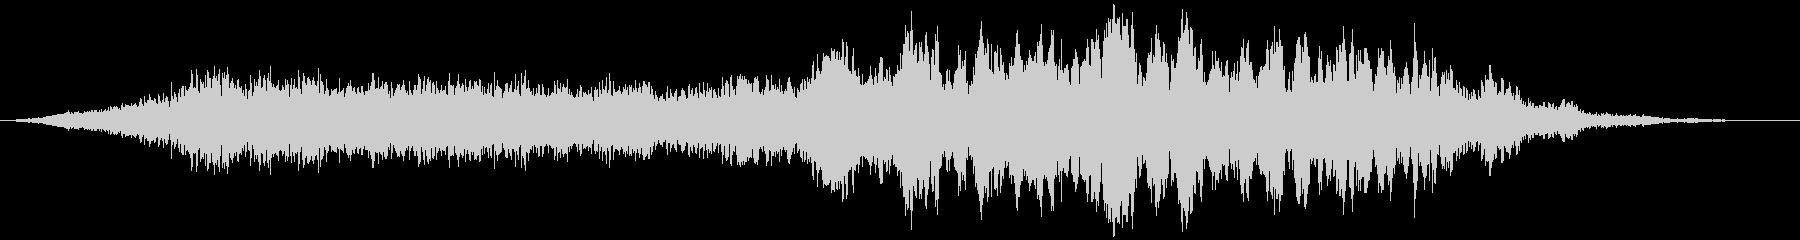 【ホラーゲーム】ダークアンビエント_06の未再生の波形